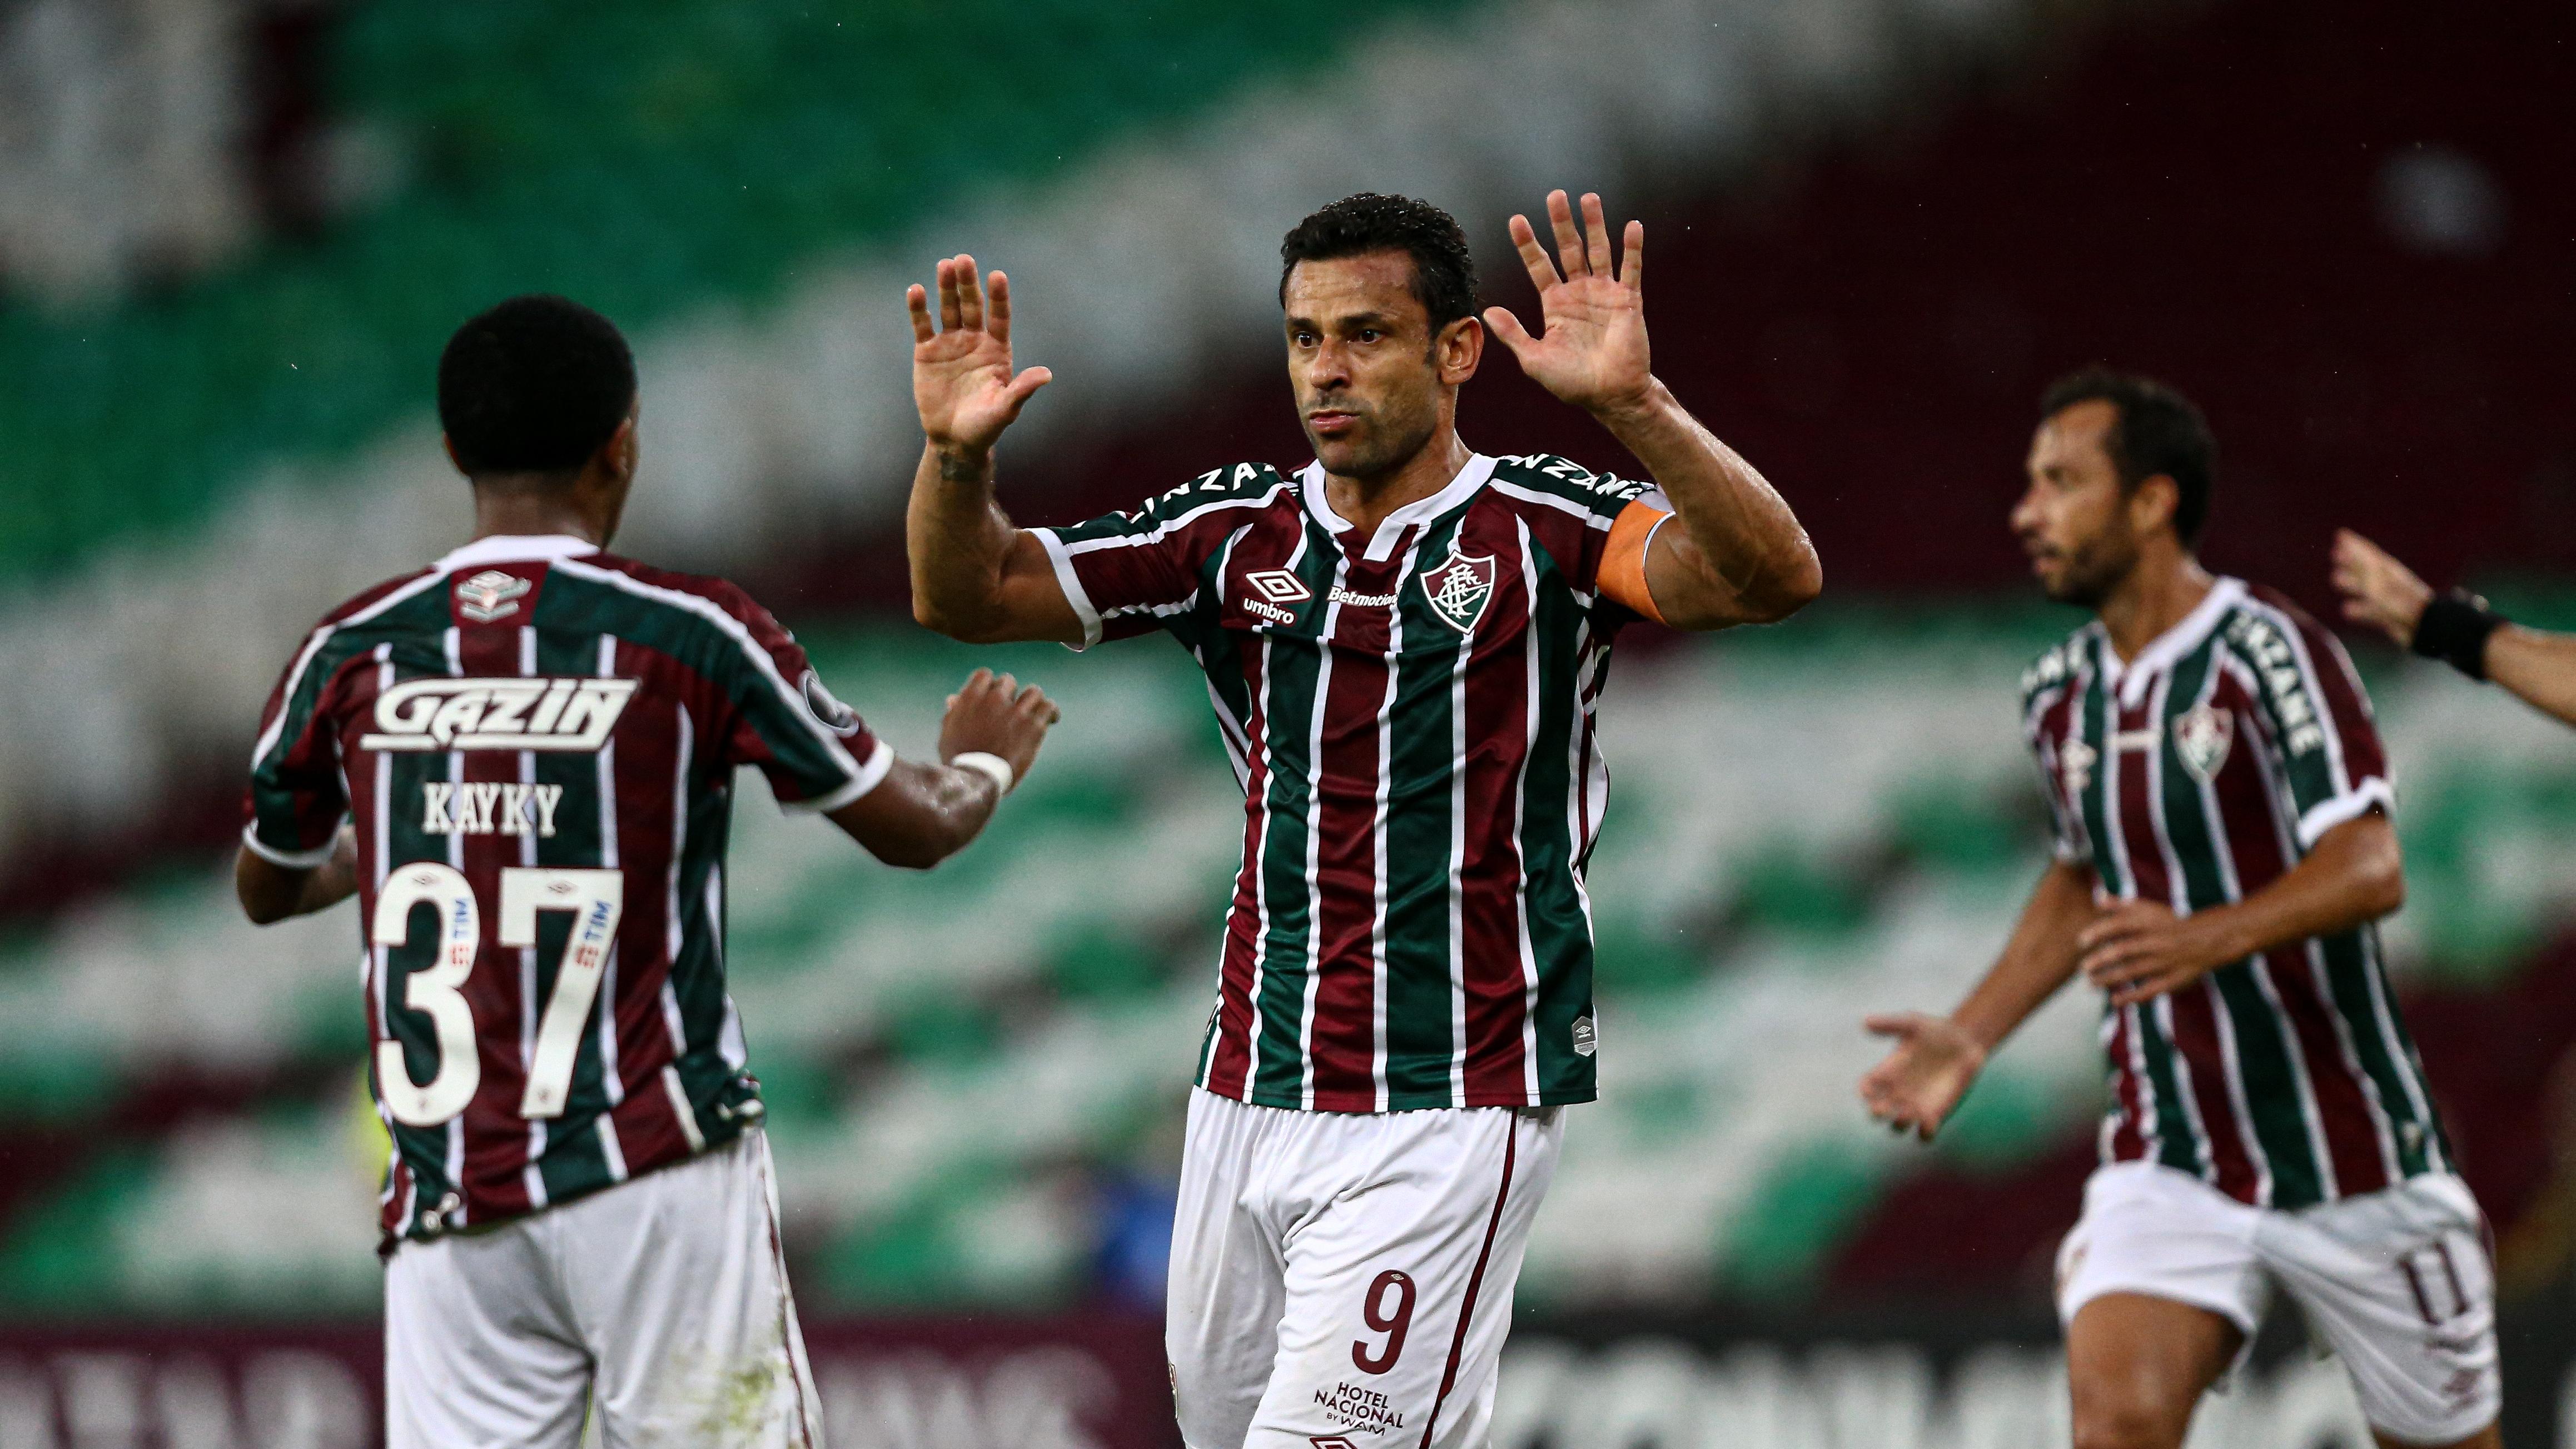 Guia do Brasileirão - Fluminense